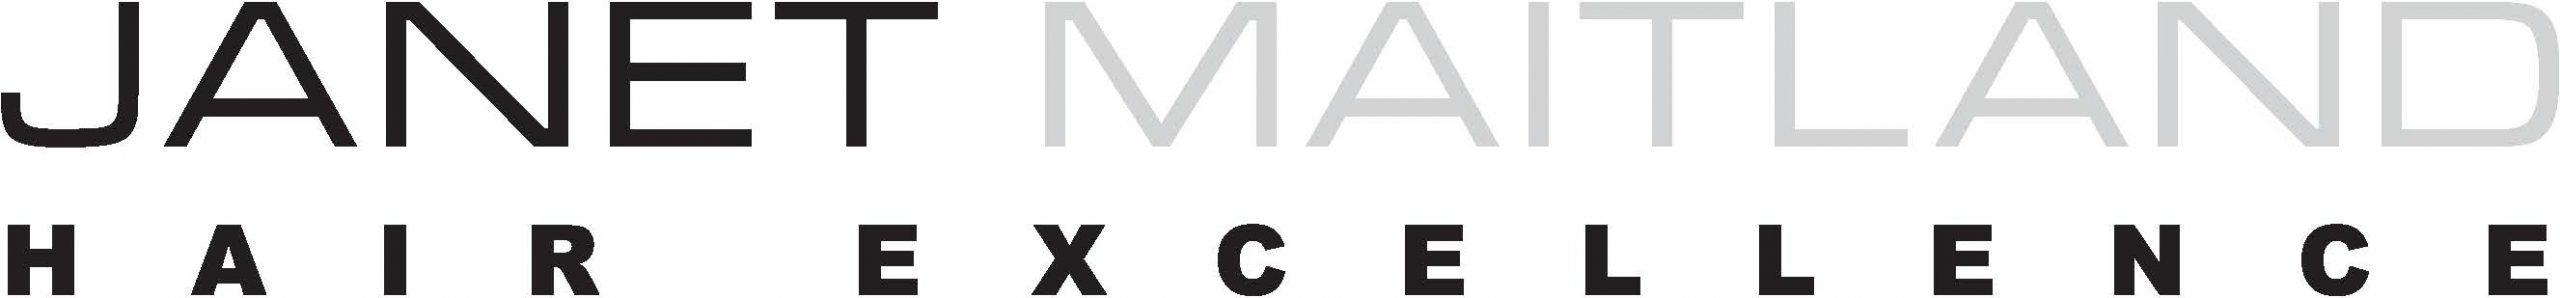 Janet Maitland logo